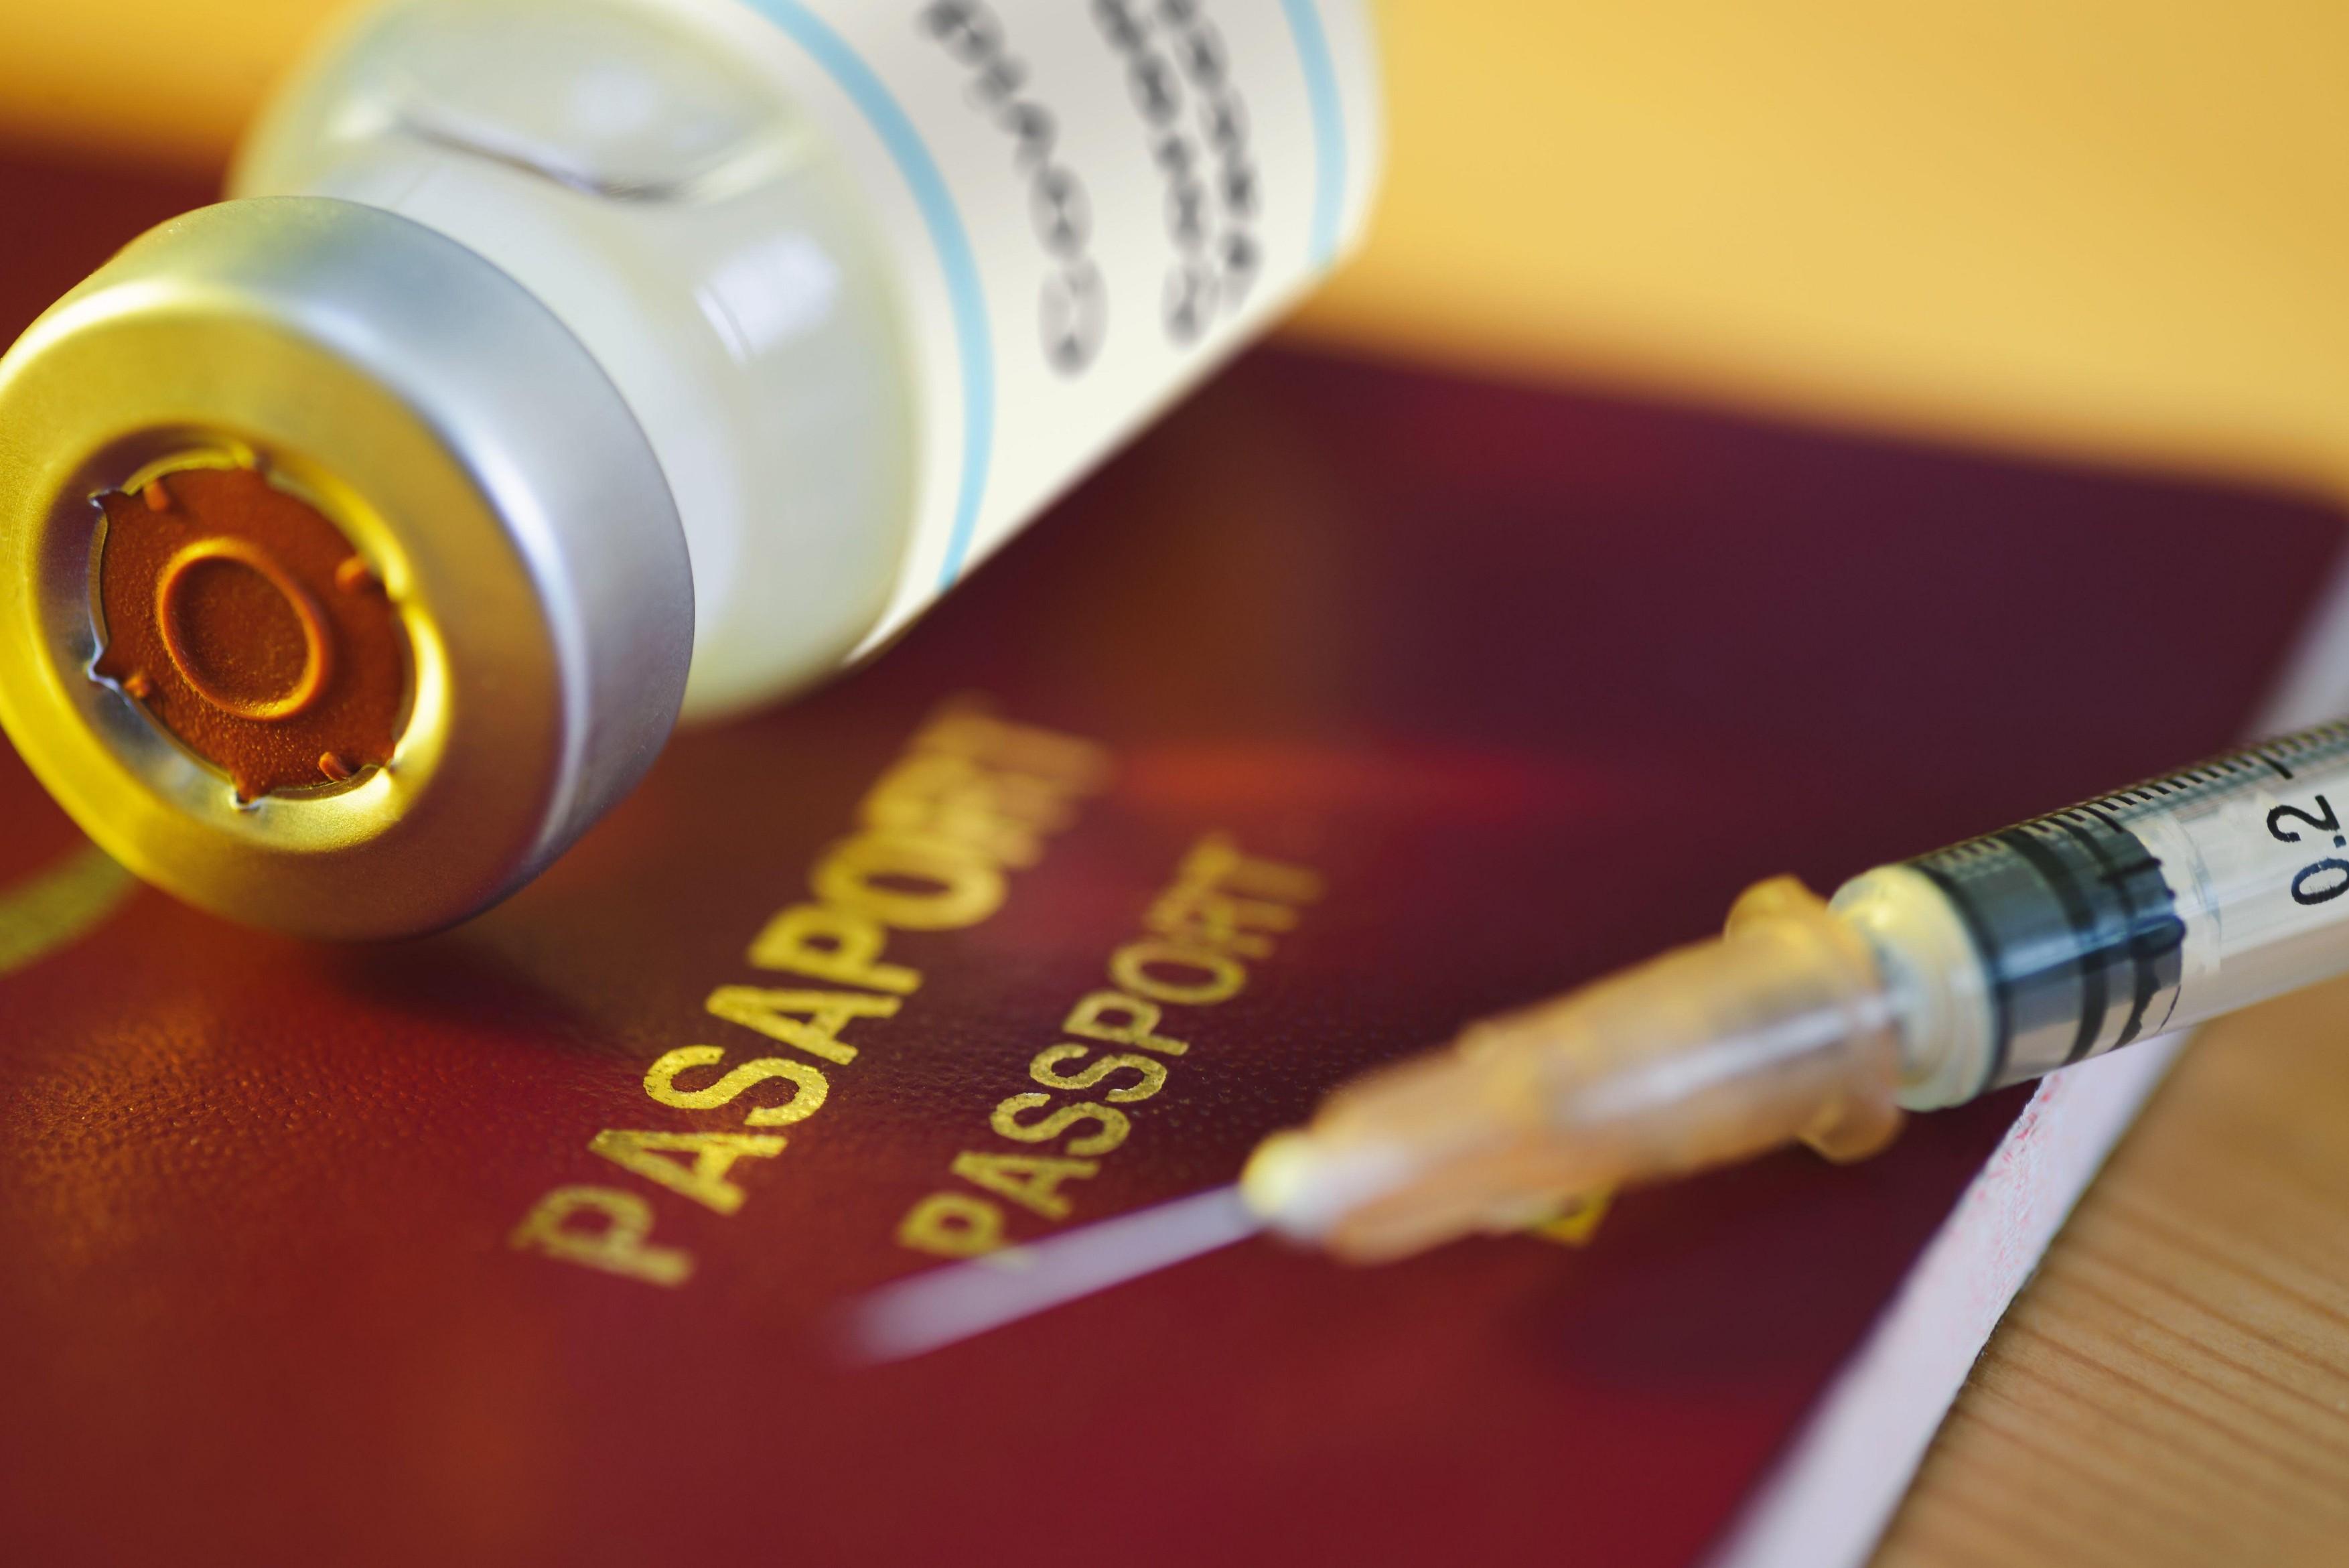 vaccin pasaport seringa